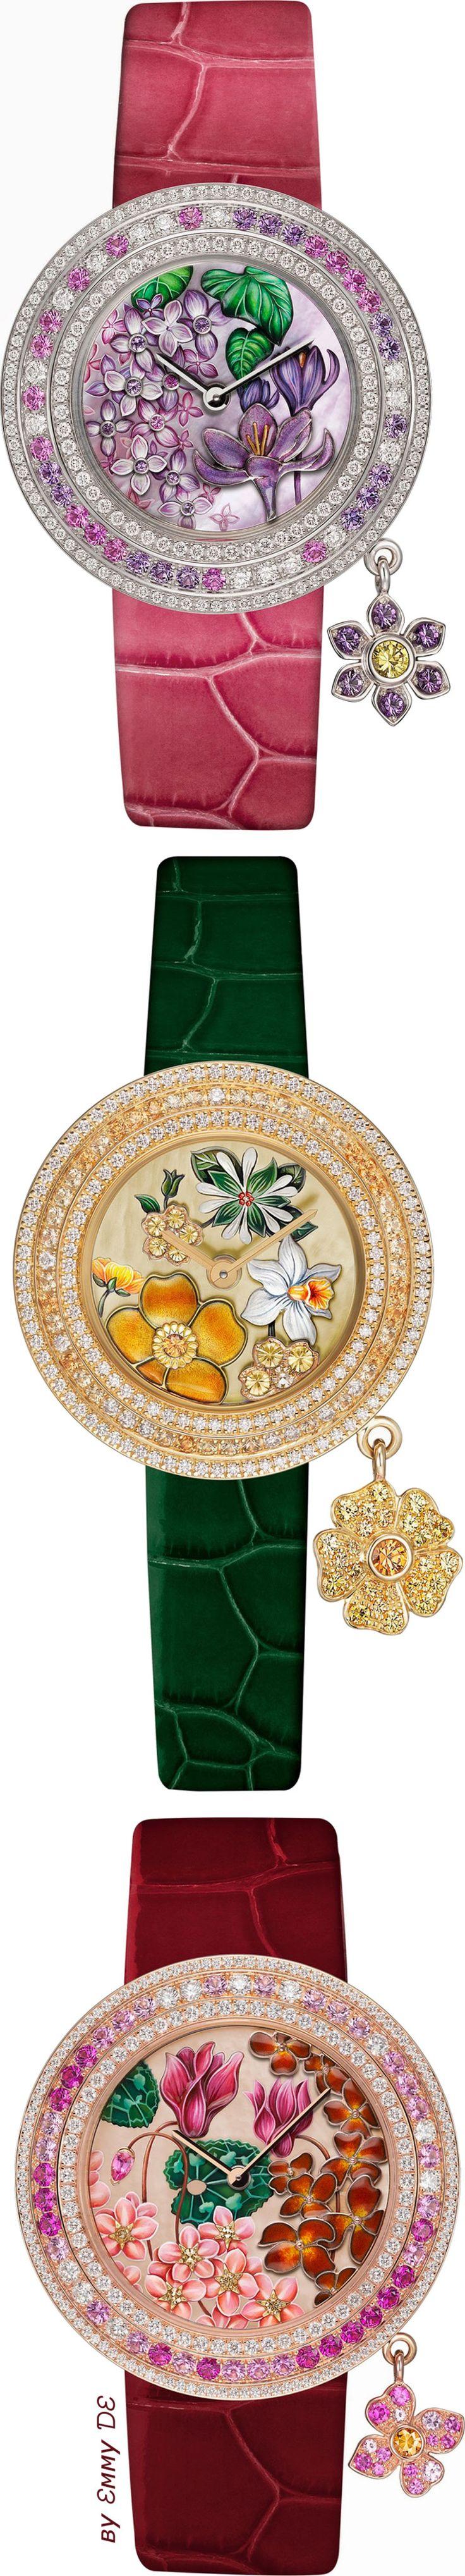 Emmy DE * Van Cleef & Arpels Charms Extraordinaire Langage des Fleurs Collection 2015